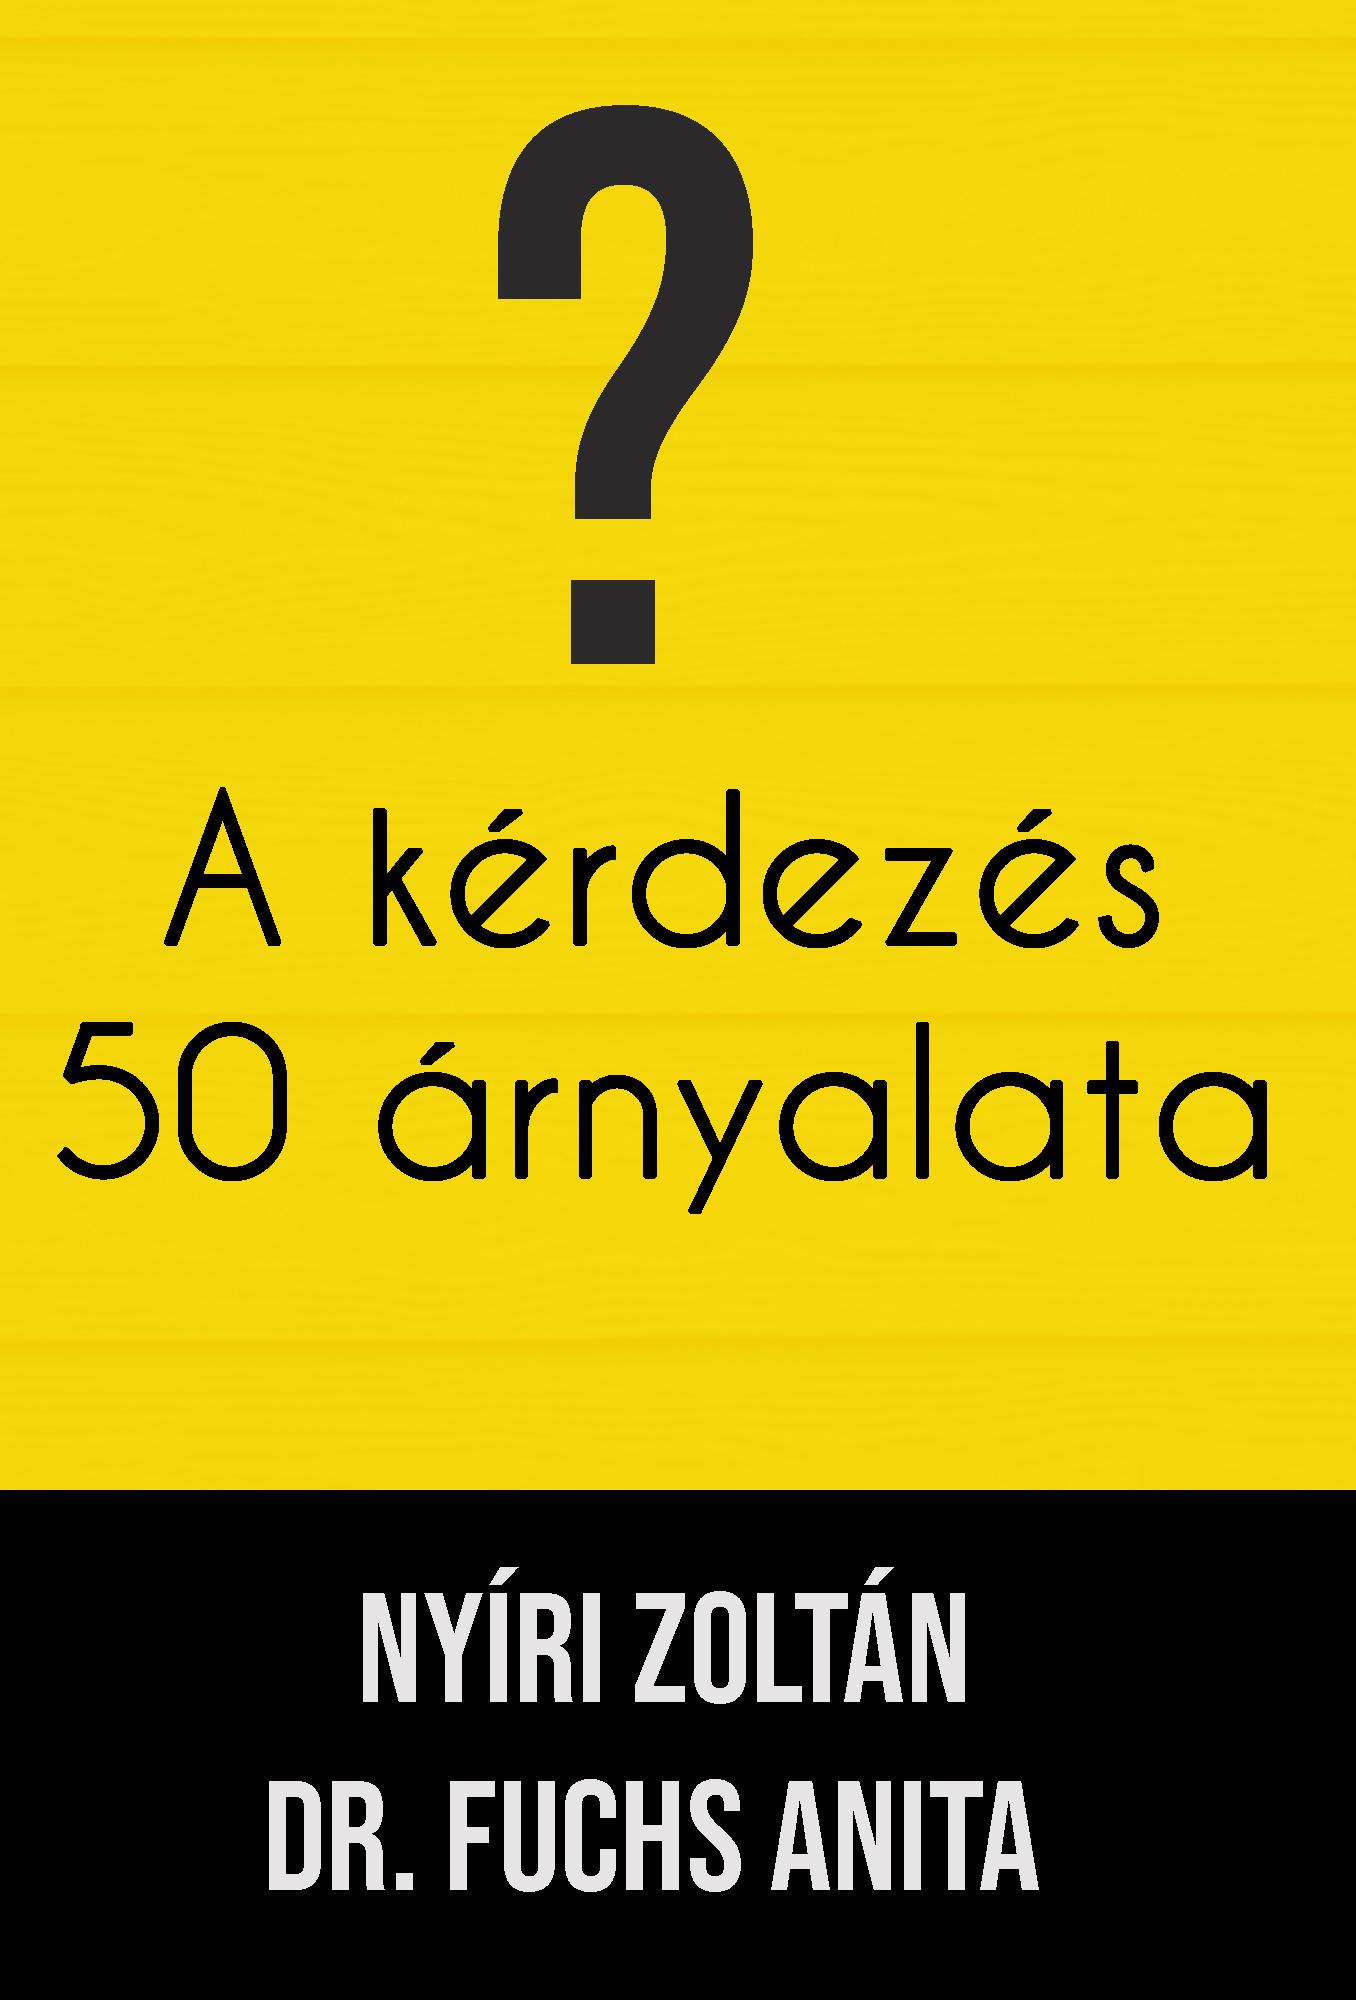 Nyíri Zoltán, Dr. Fuchs Anita: A kérdezés 50 árnyalata